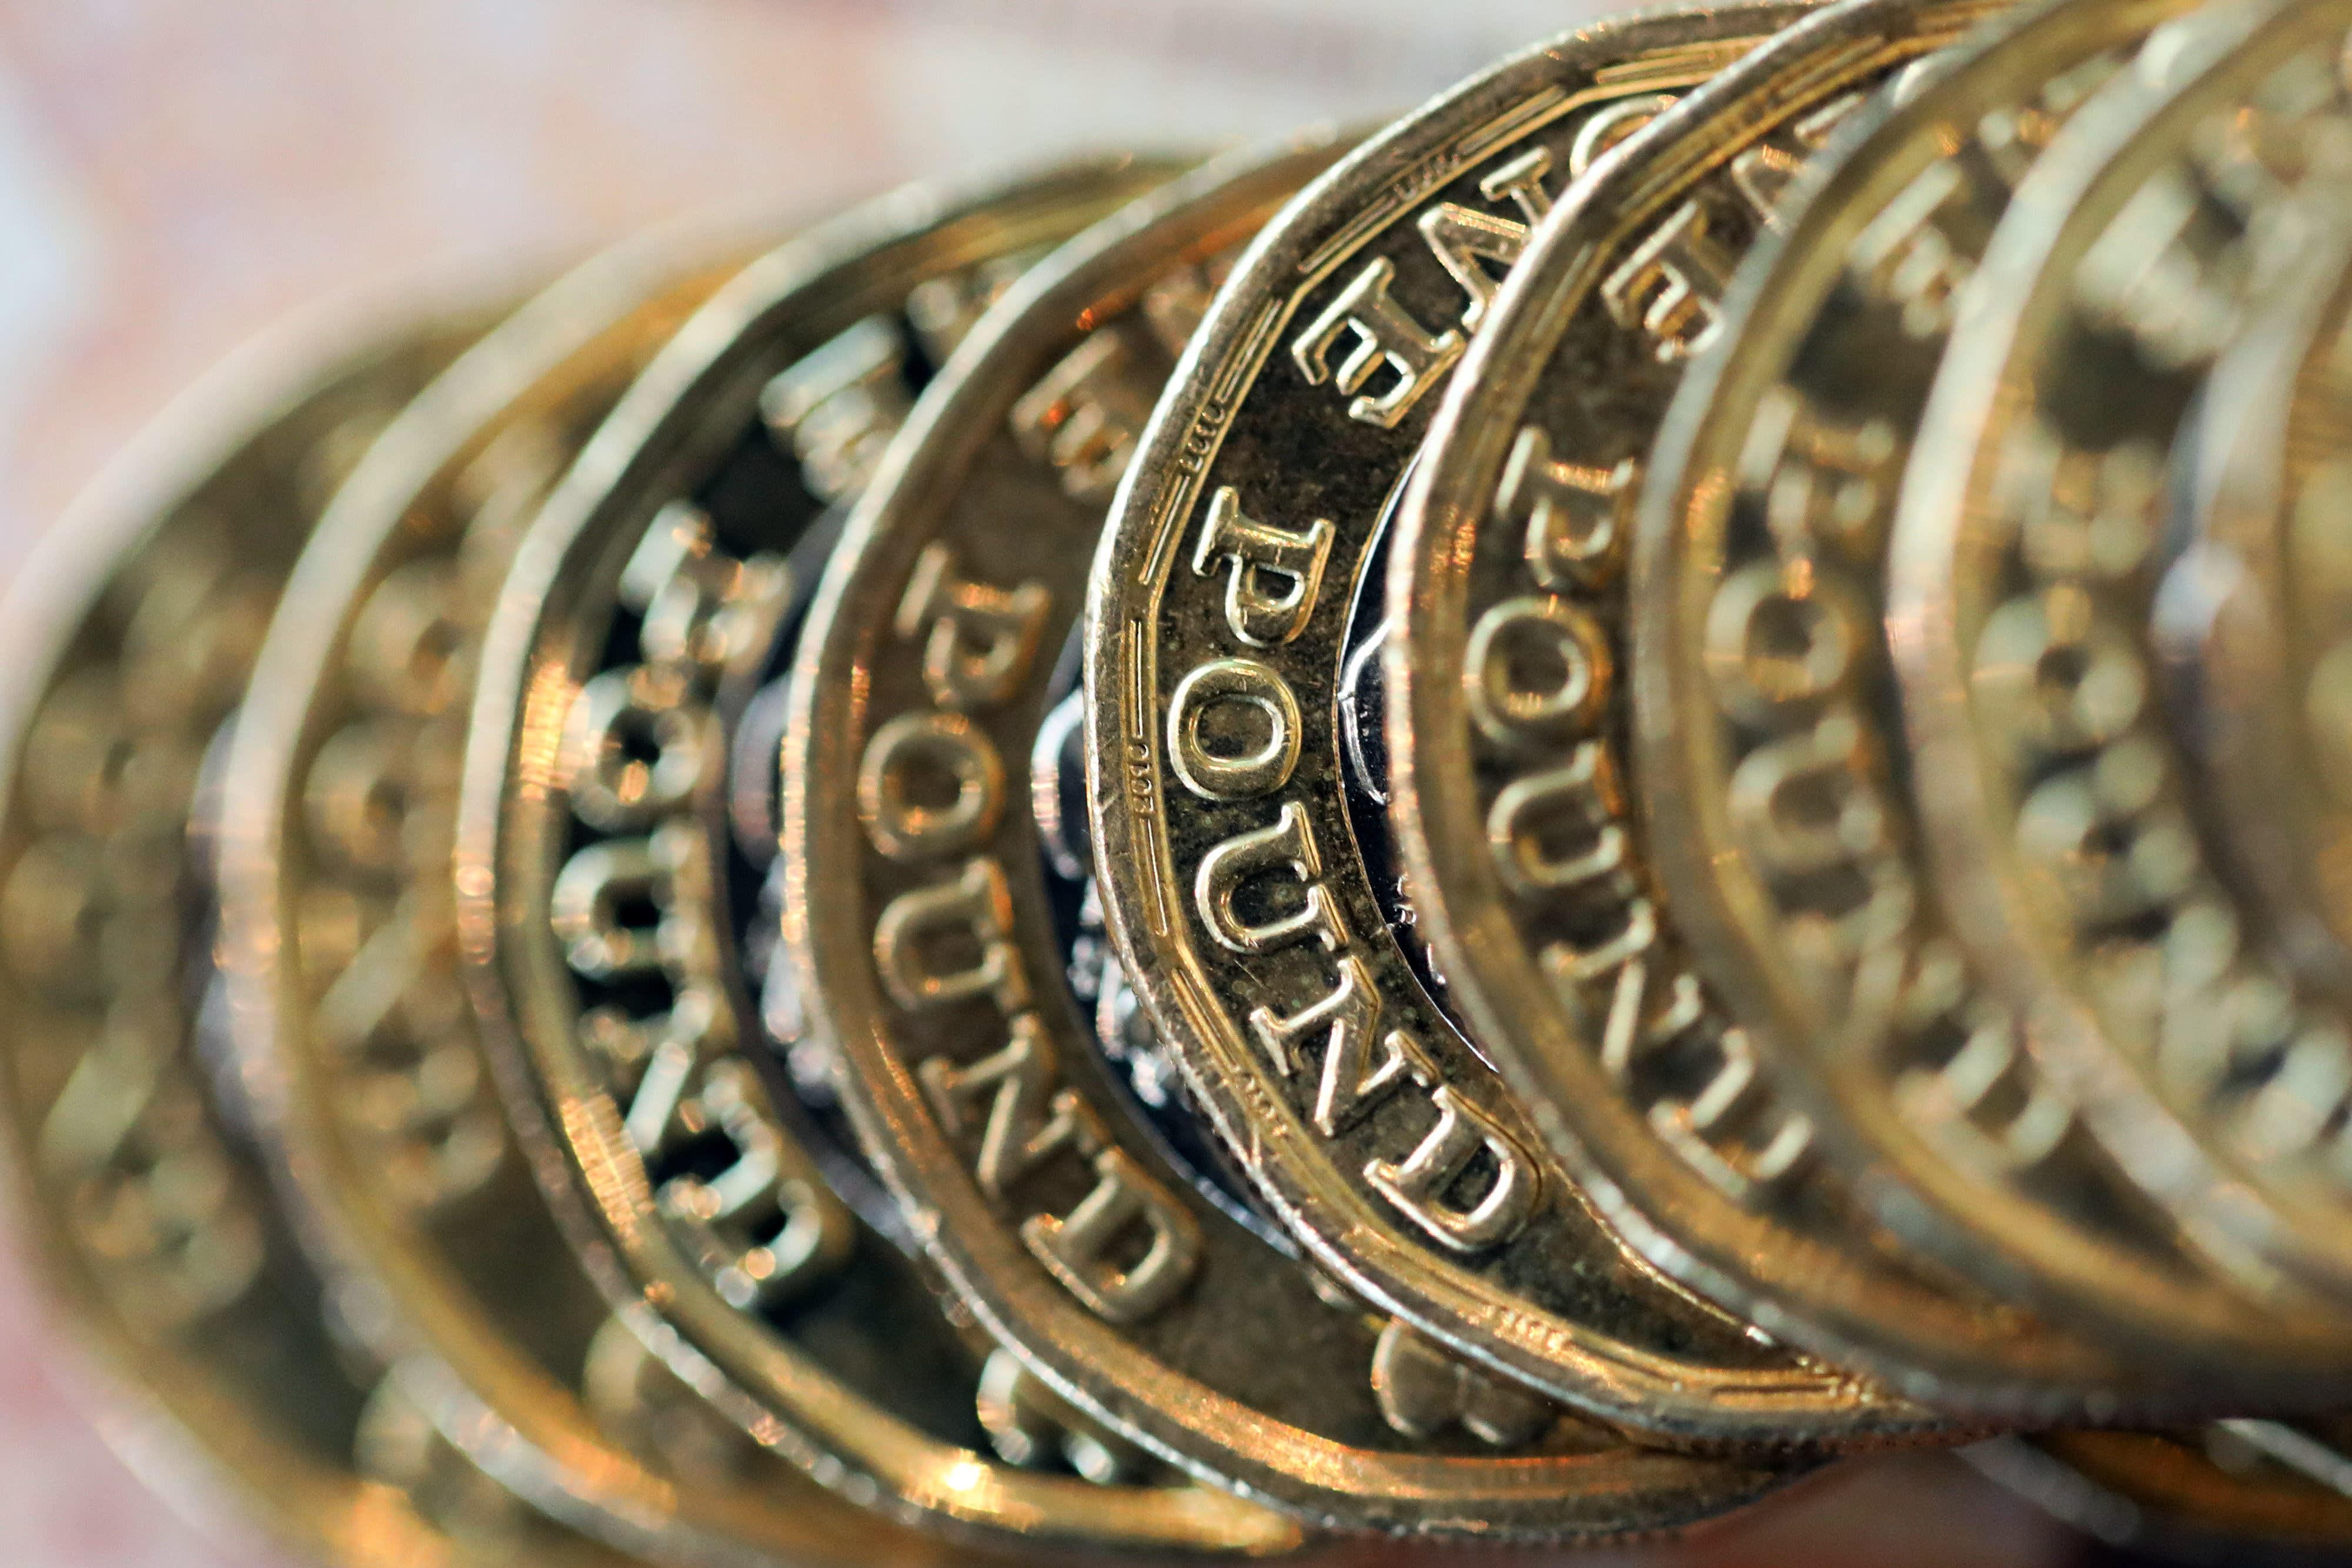 Brooks Macdonald assets hit £13.2bn